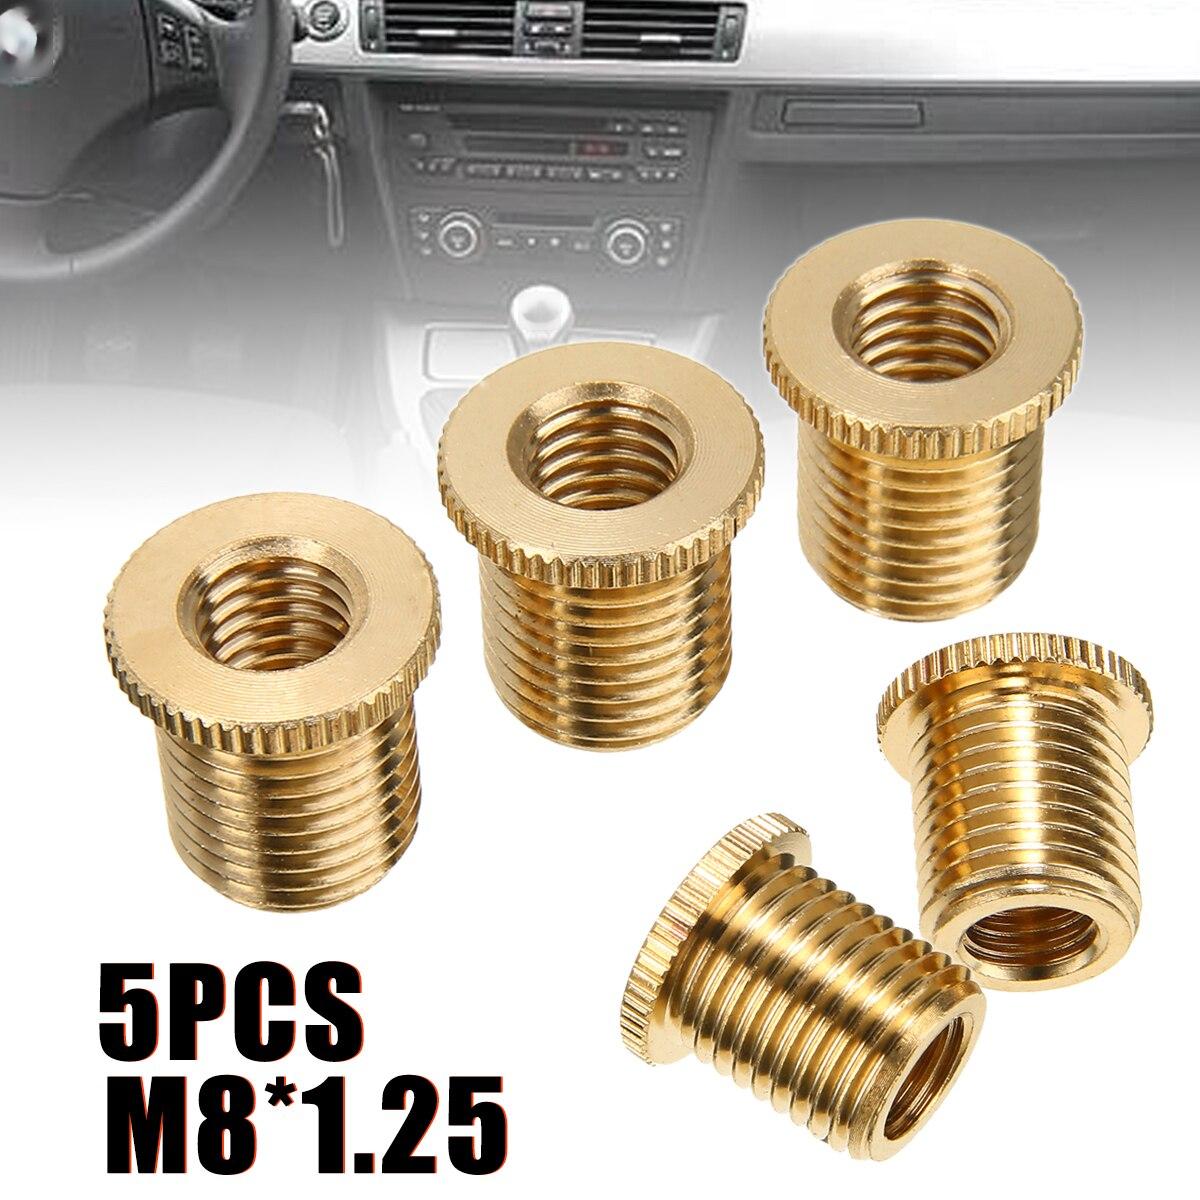 5pcs m8x1.25 기어 시프트 노브 스레드 어댑터 너트 삽입 알루미늄 합금 자동차 자동차 액세서리